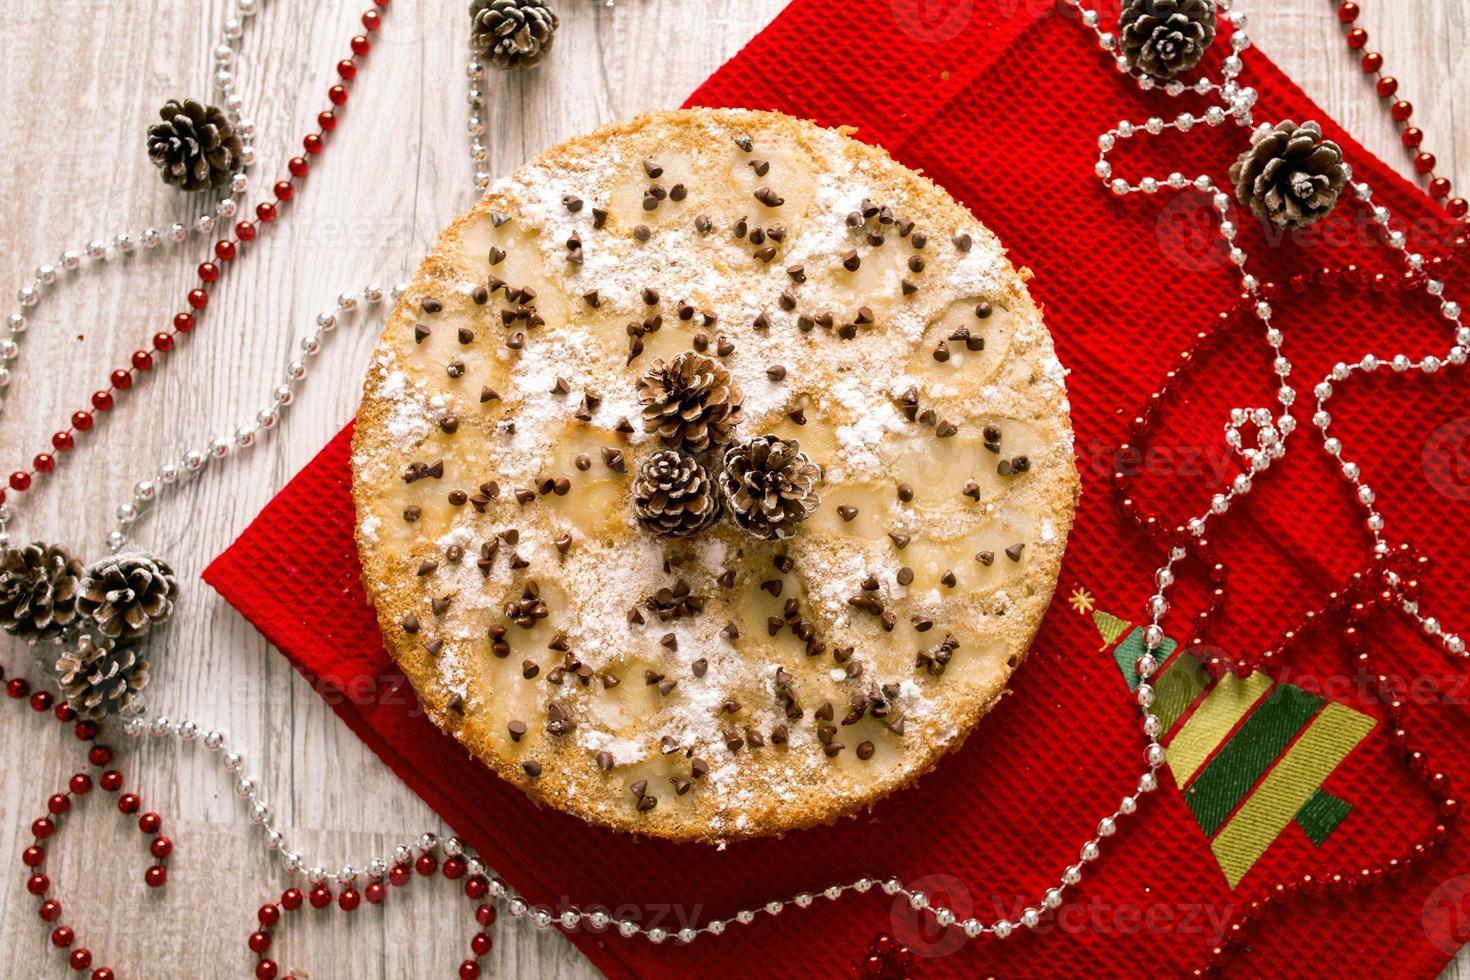 torta de natal decorada foto